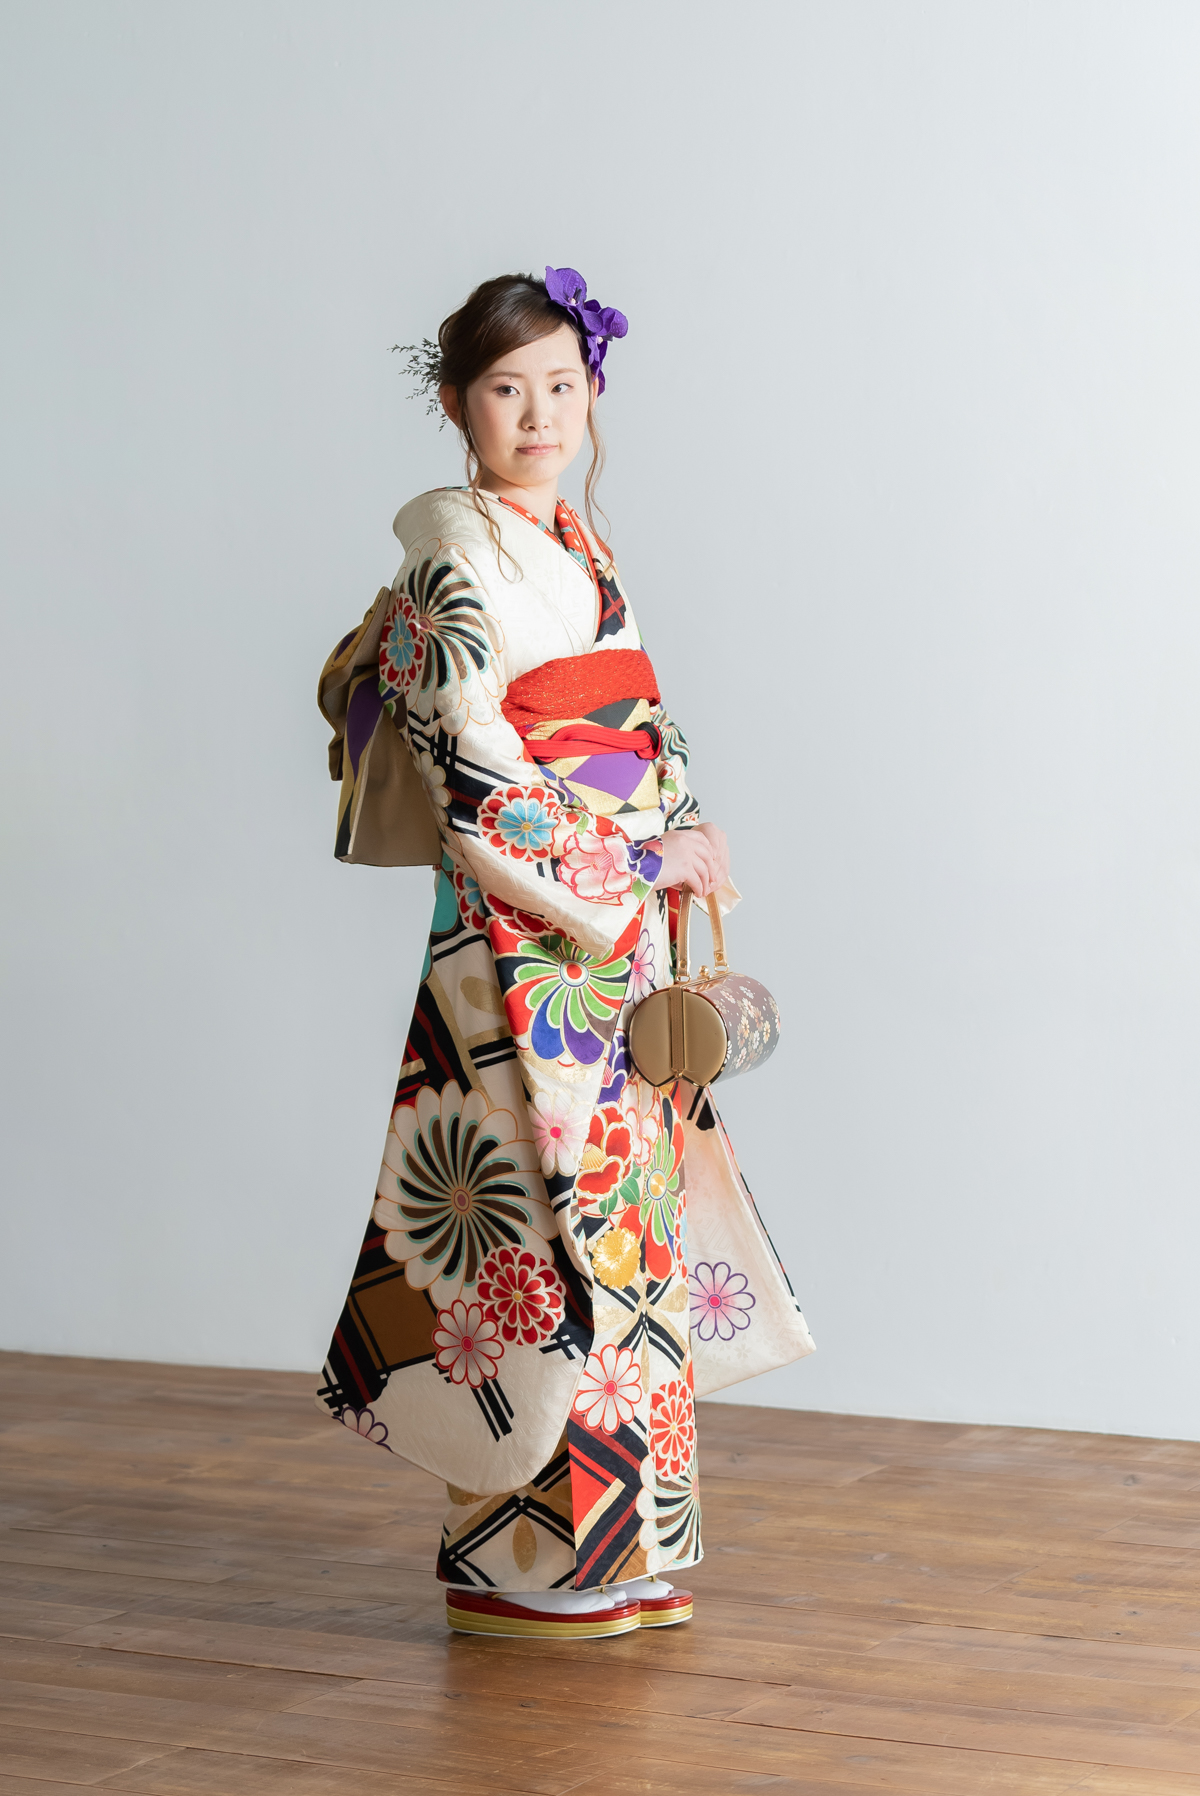 広島のフォトスタジオ「記念写真館SUNNY」成人式前撮り